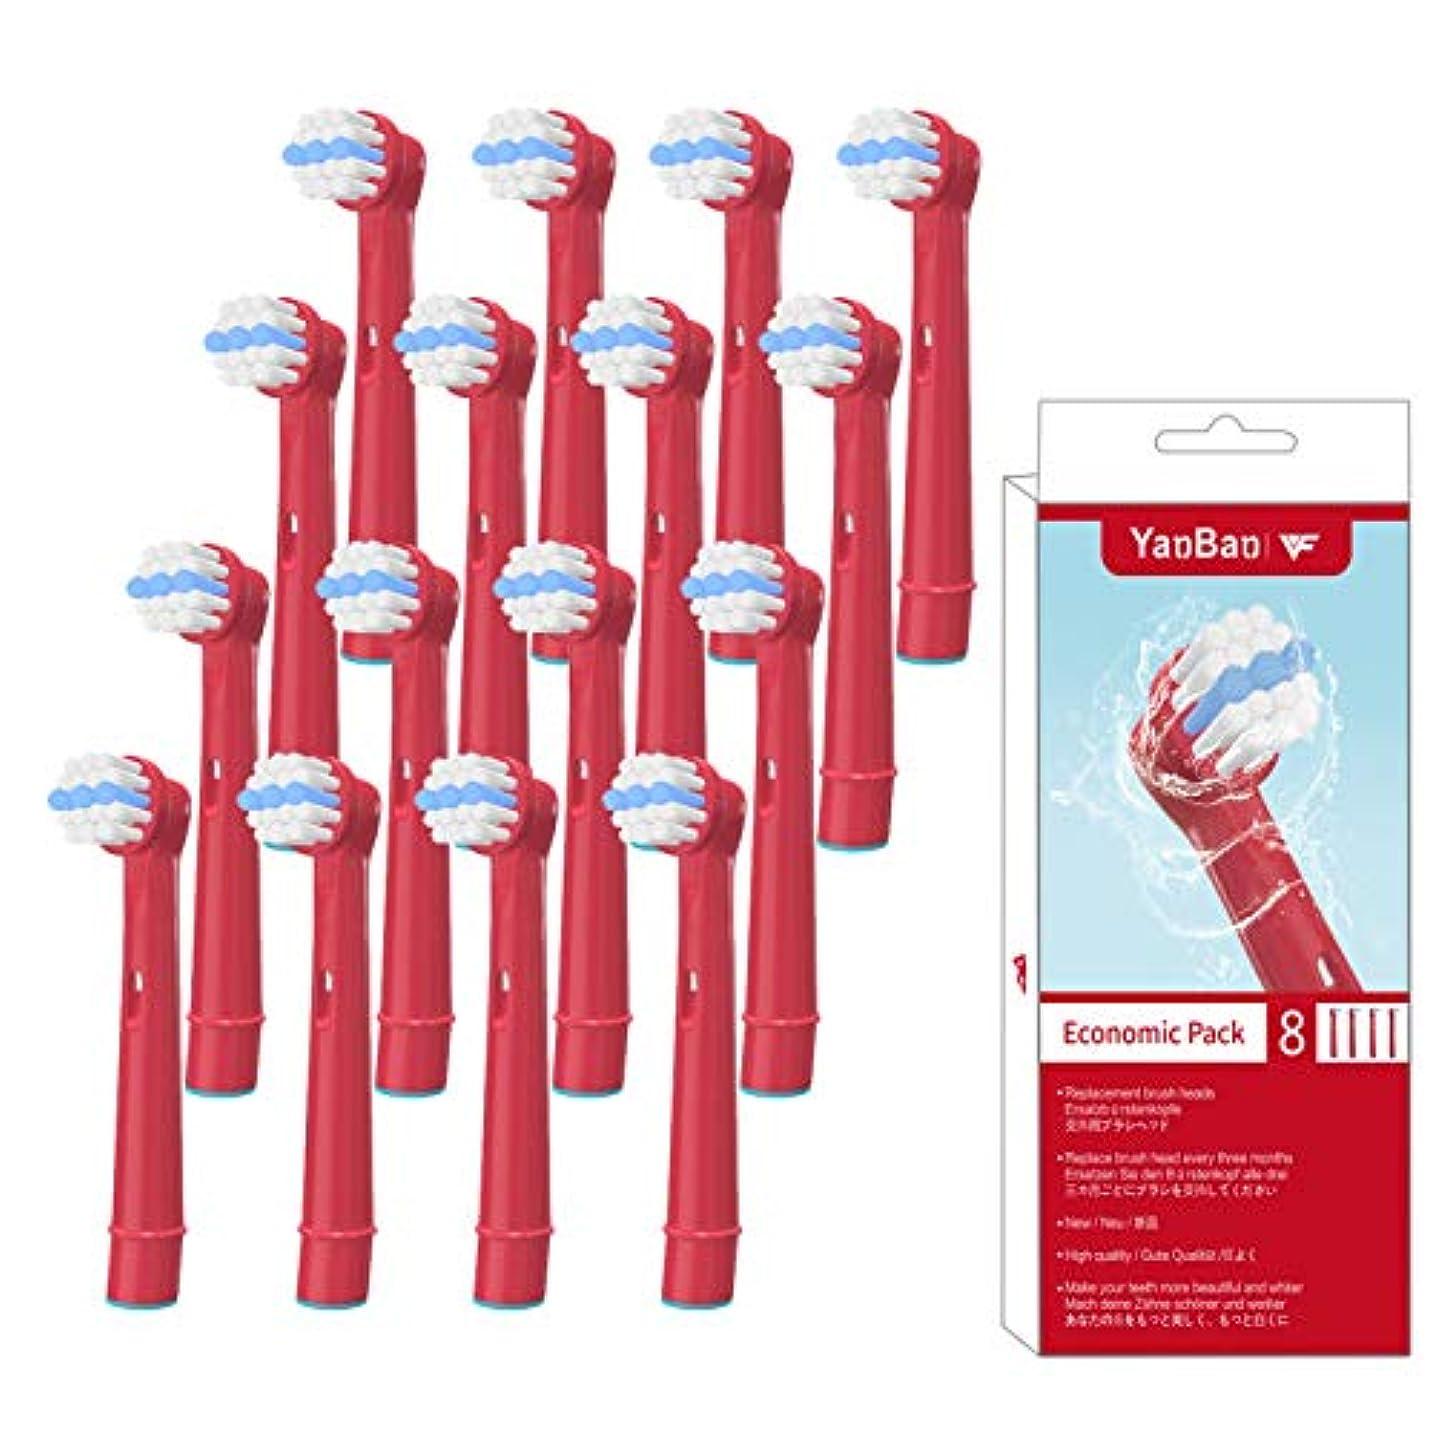 ドリンク効果的にグレーWyFun ブラウン オーラルB 対応 電動歯ブラシ 子供用 すみずみクリーンキッズ レッド 歯ブラシ やわらかめ 替ブラシ (16レッド)